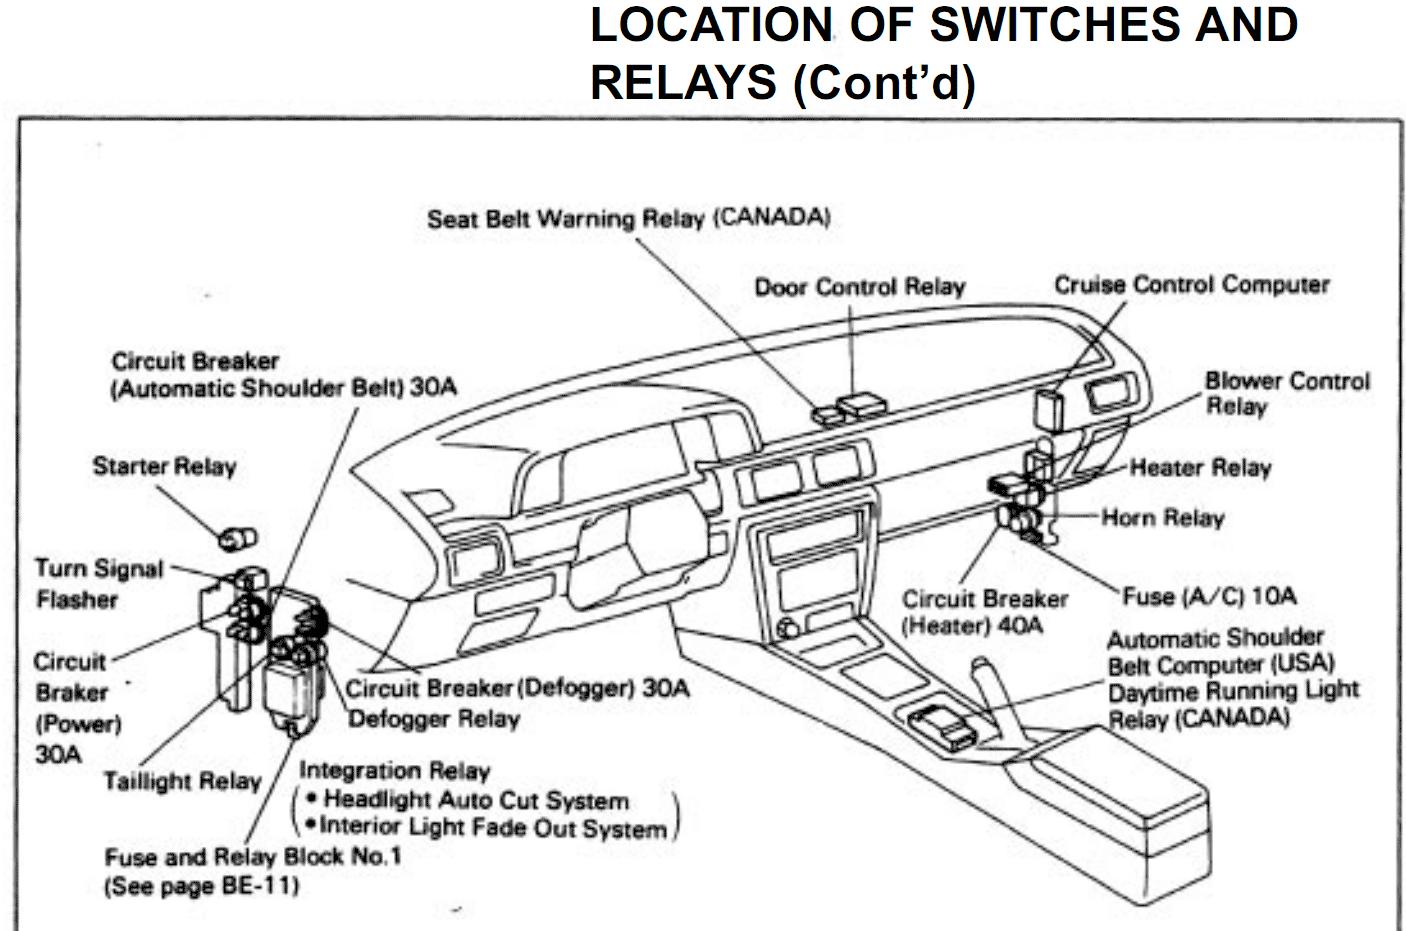 Fabulous 1988 Dodge Aries Wiring Diagram Basic Electronics Wiring Diagram Wiring Cloud Uslyletkolfr09Org